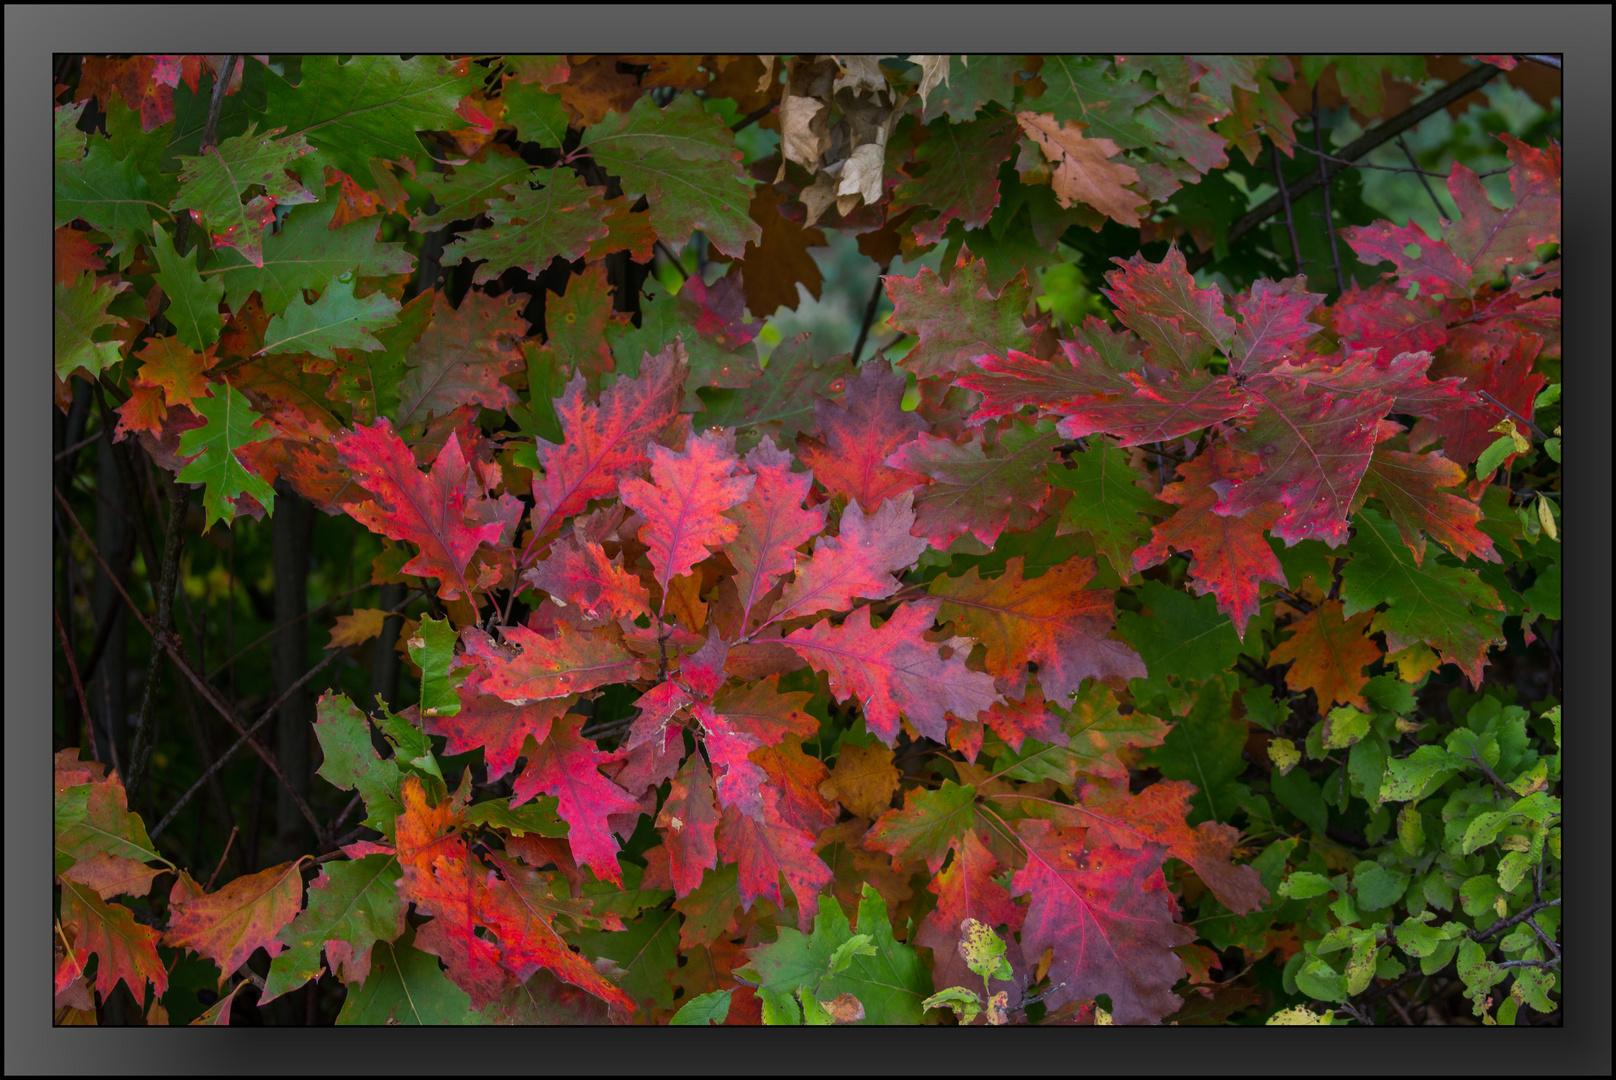 Herbst-Impressionen 01